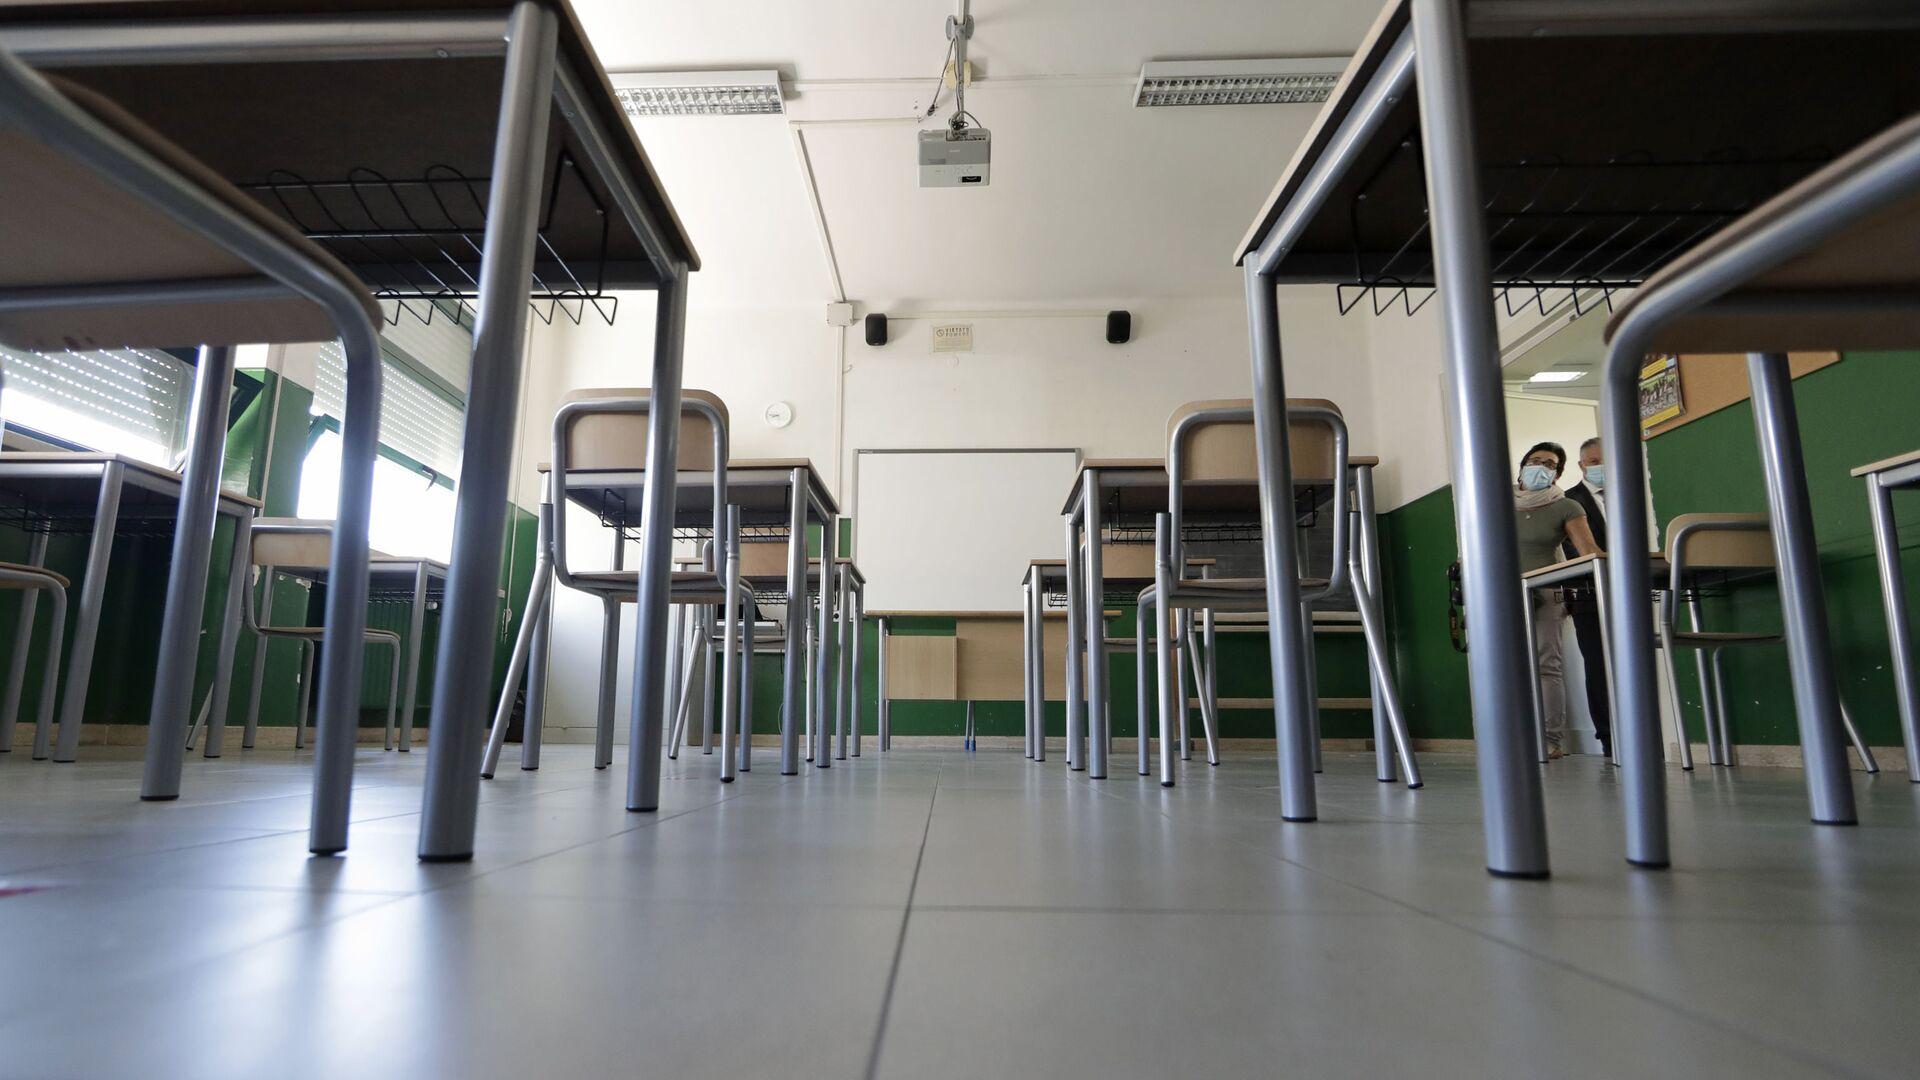 Una scuola con banchi a Roma, Italia - Sputnik Italia, 1920, 16.09.2021